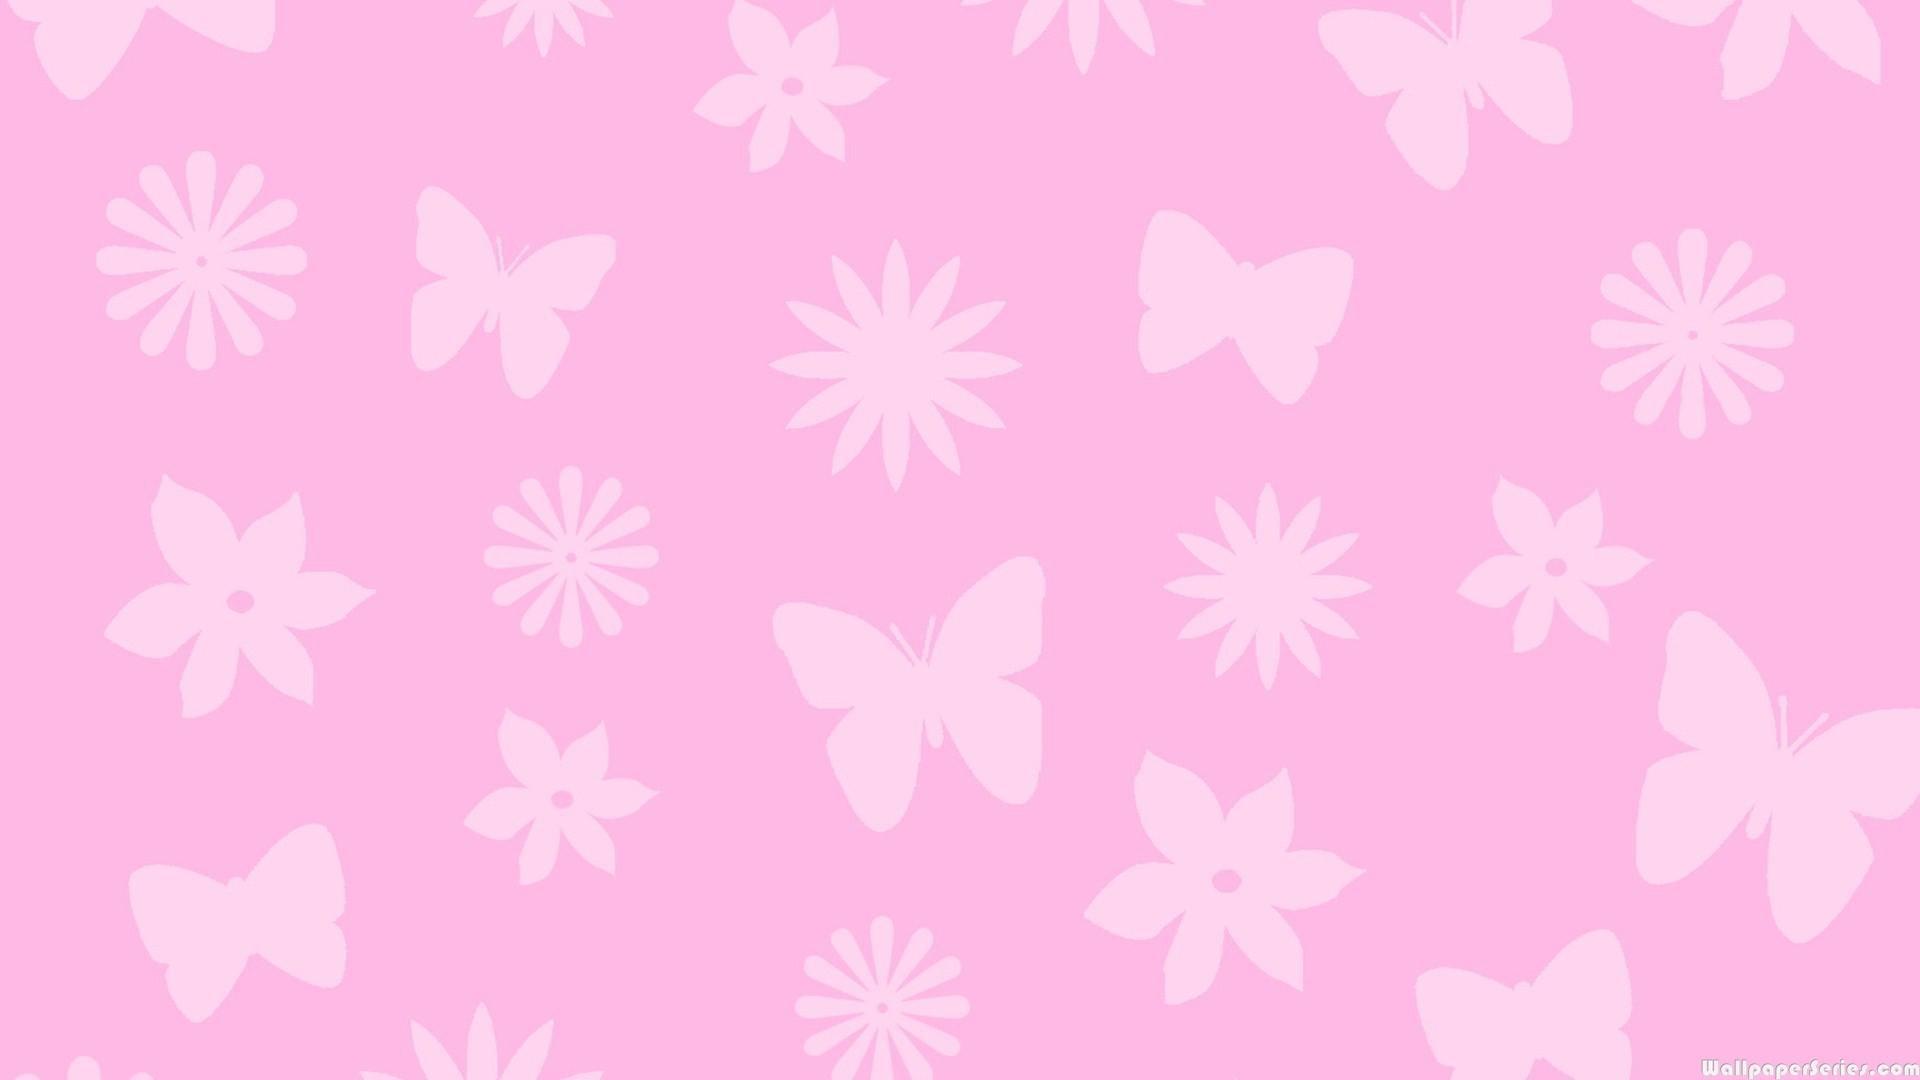 Pink Butterfly Wallpaper Hd